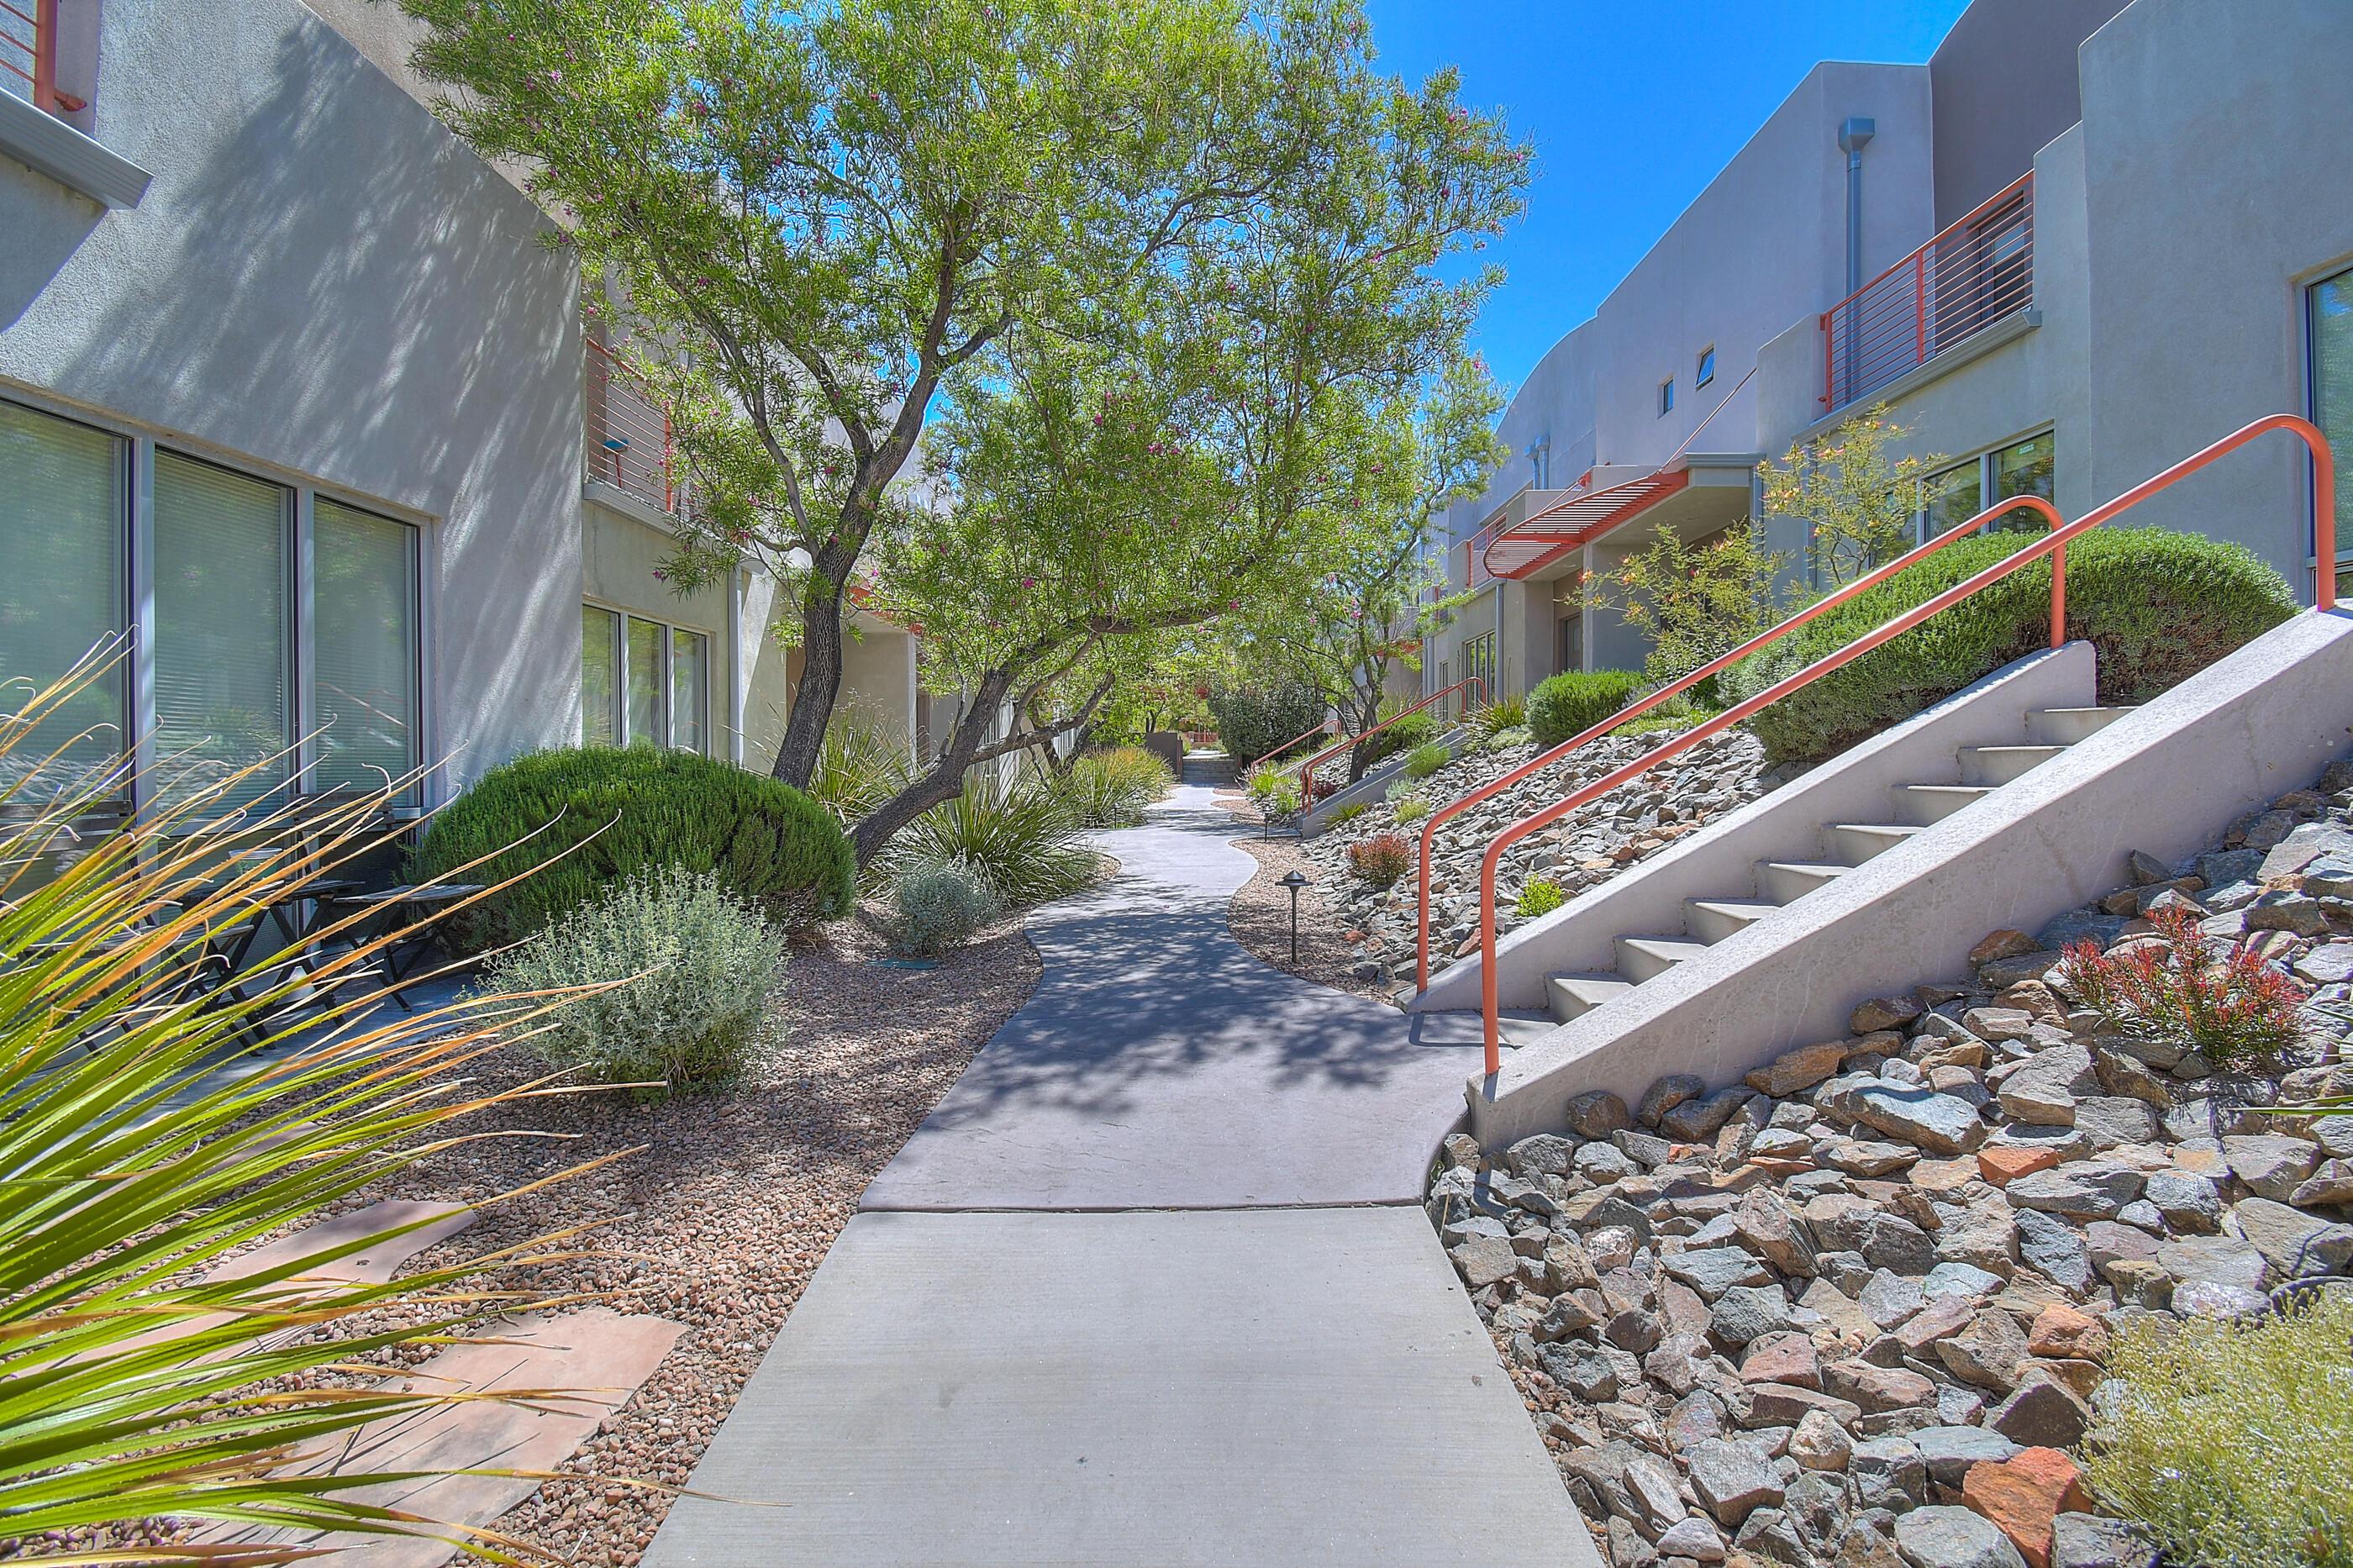 208 ALISO Avenue SE, Albuquerque, NM 87108 - Albuquerque, NM real estate listing